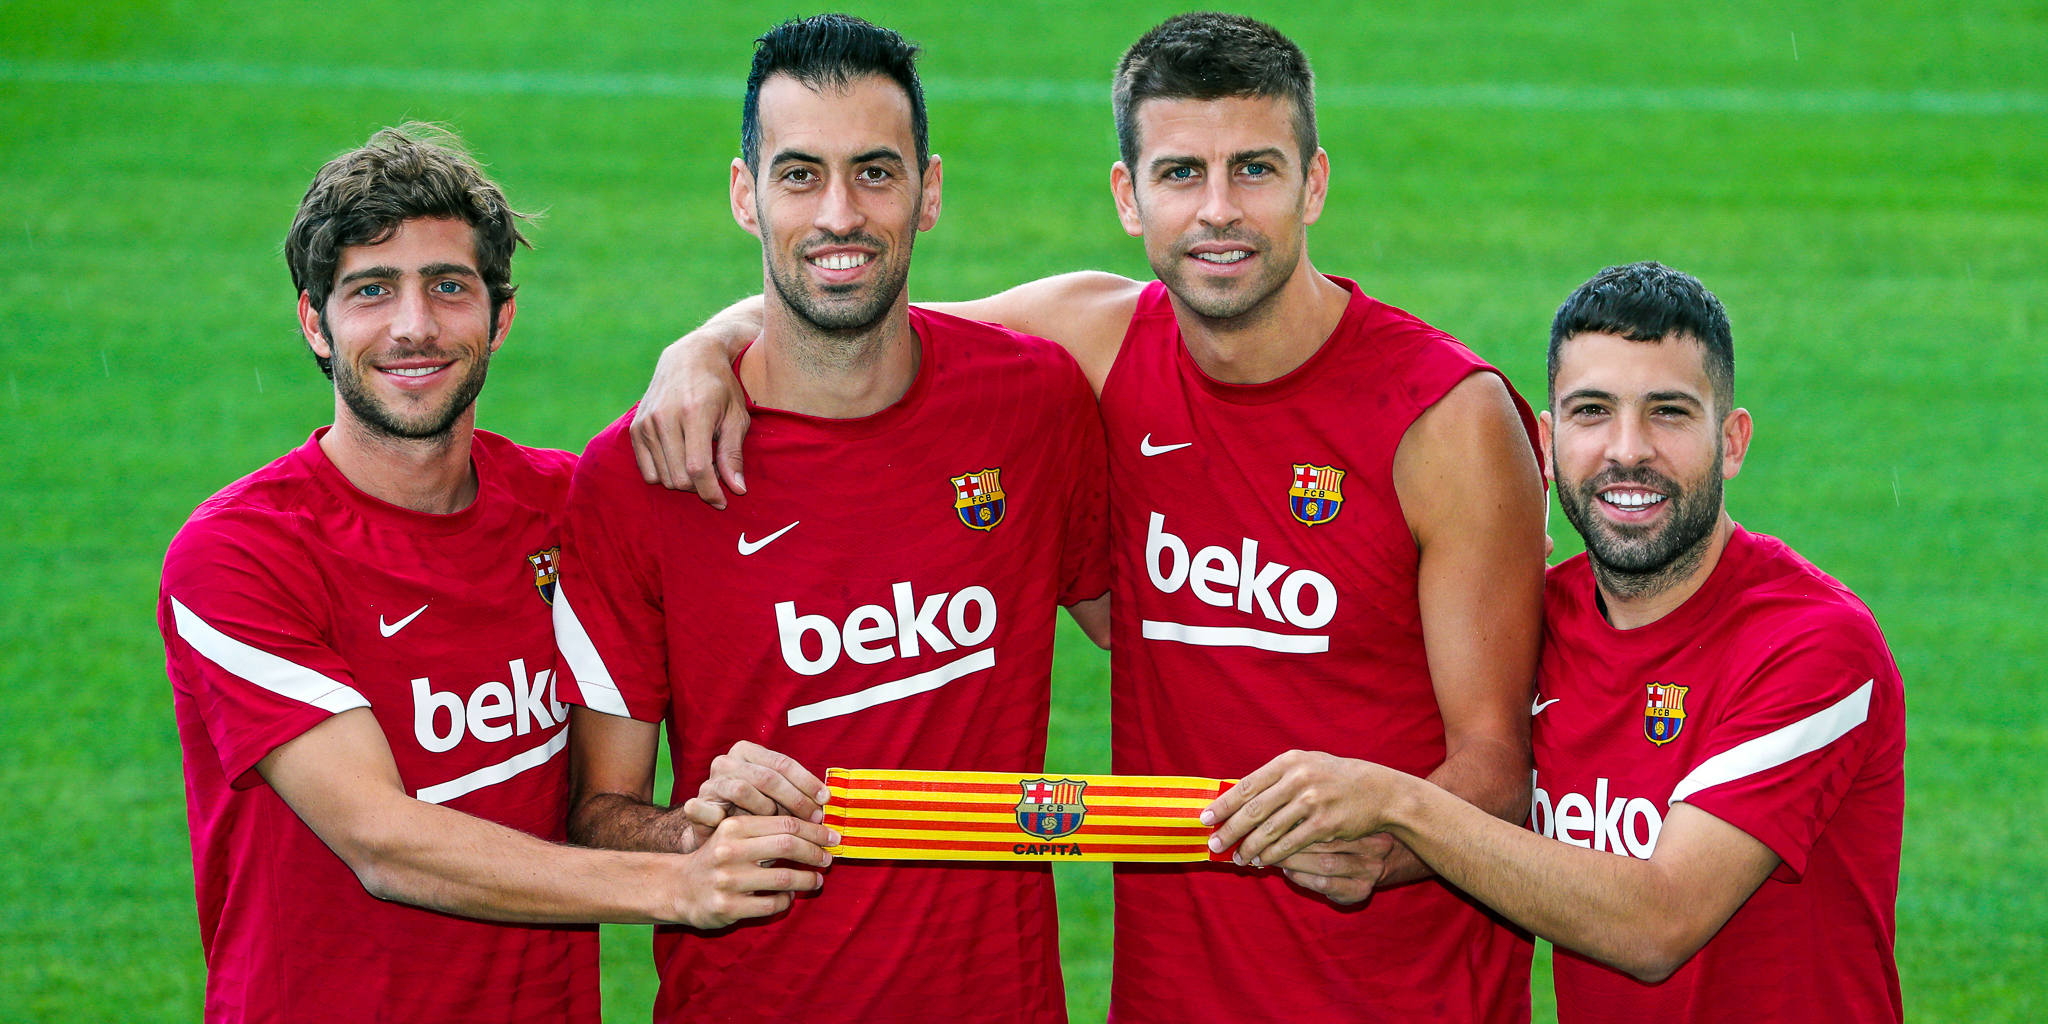 Els quatre nous capitans del Barça es fotografien amb el braçalet | FC Barcelona